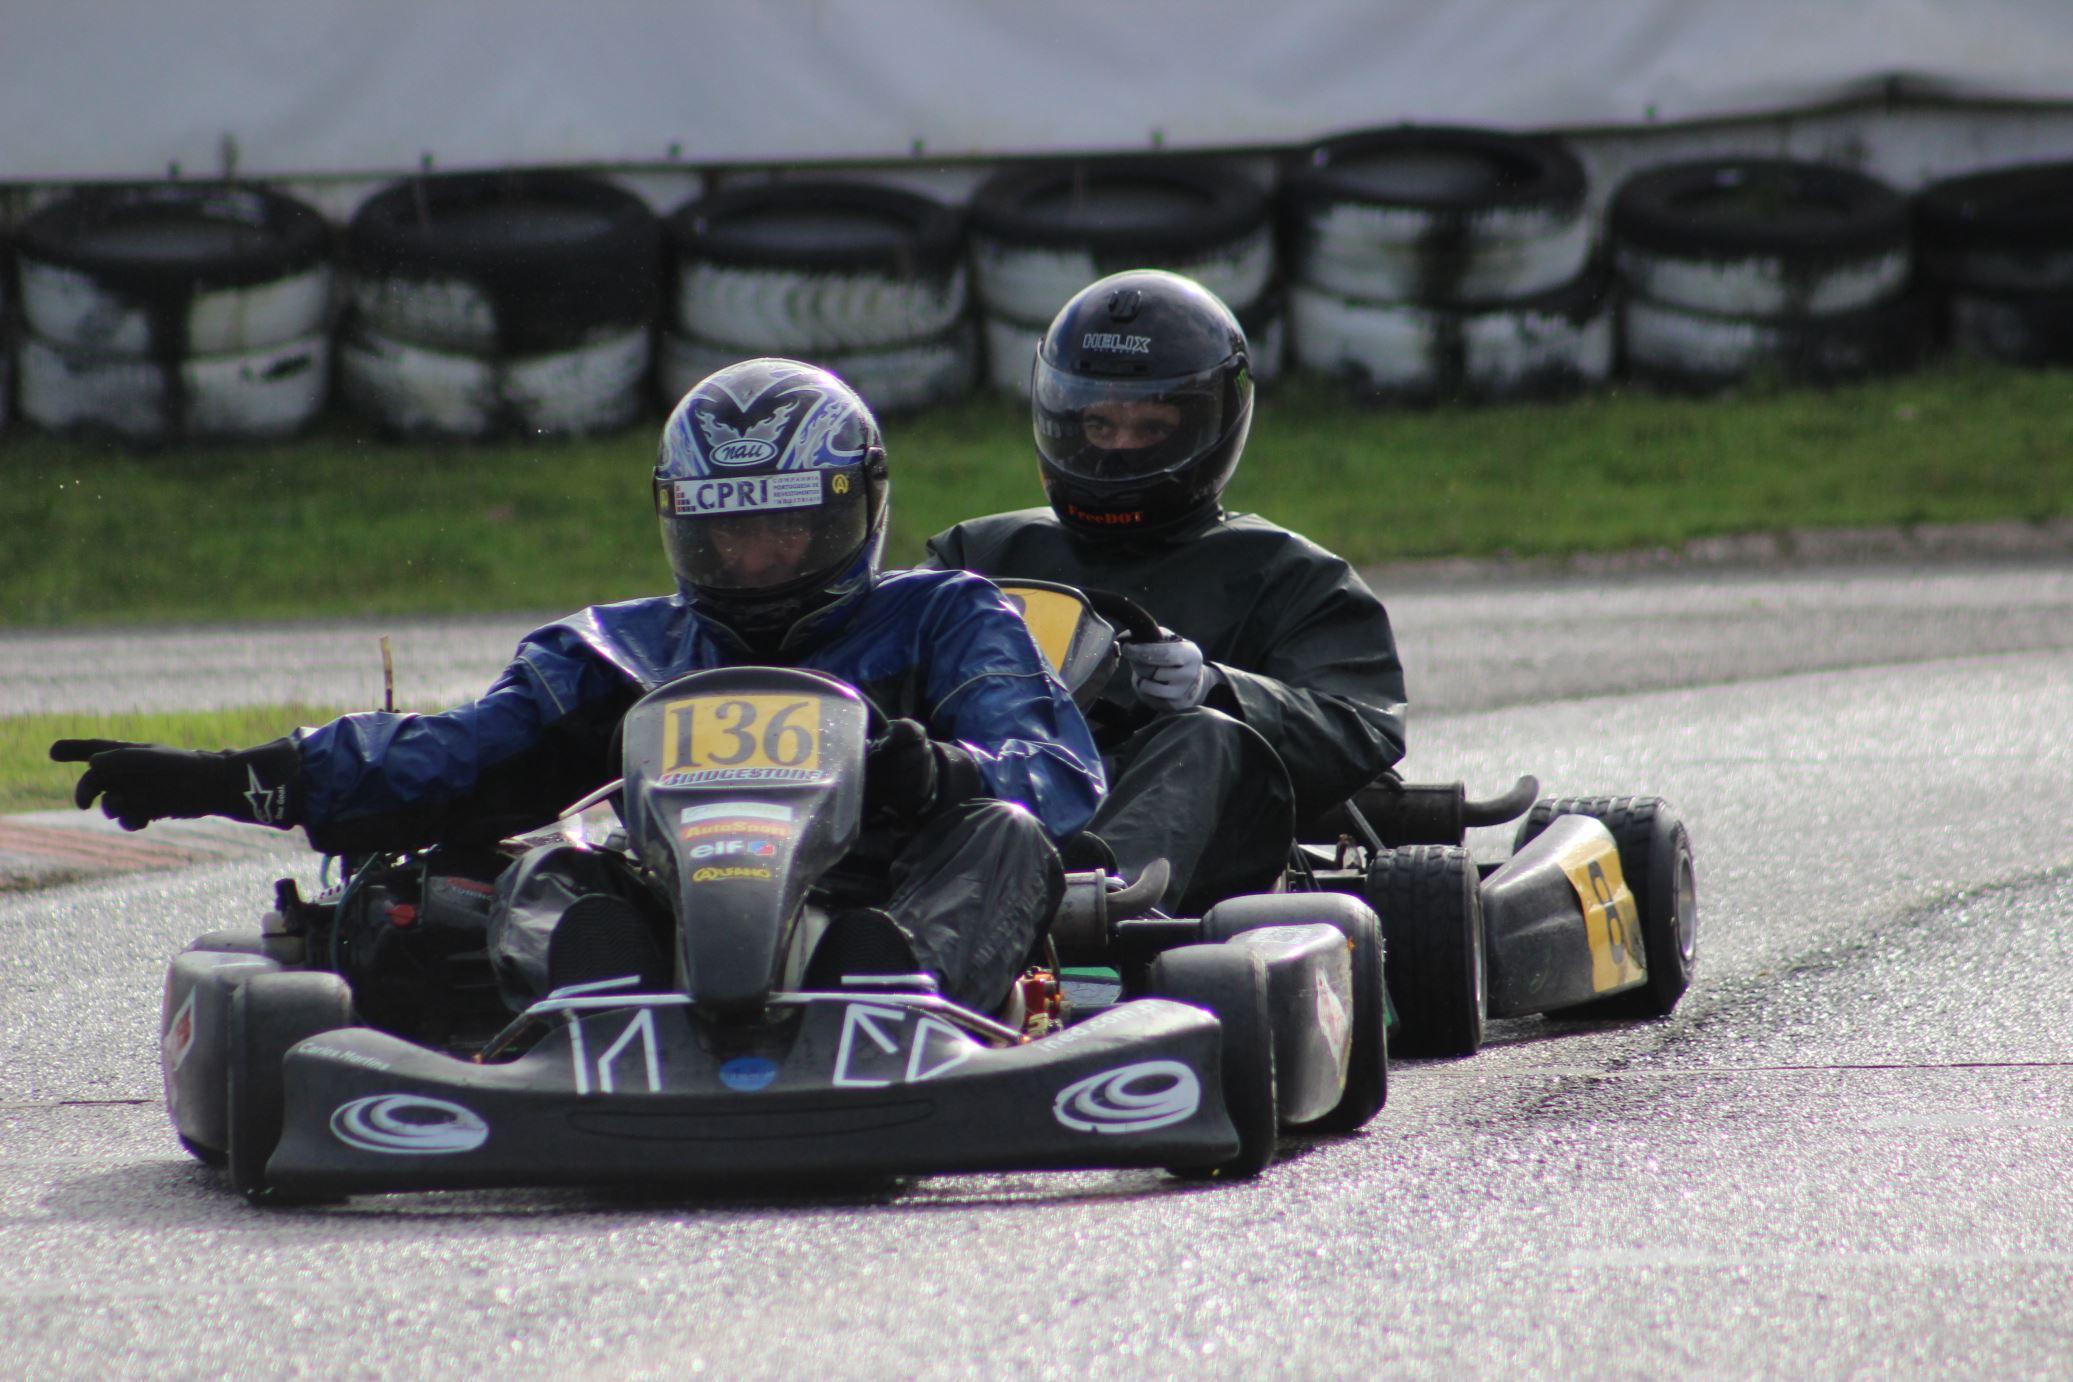 Troféu Honda 2014 - 5ª Prova173